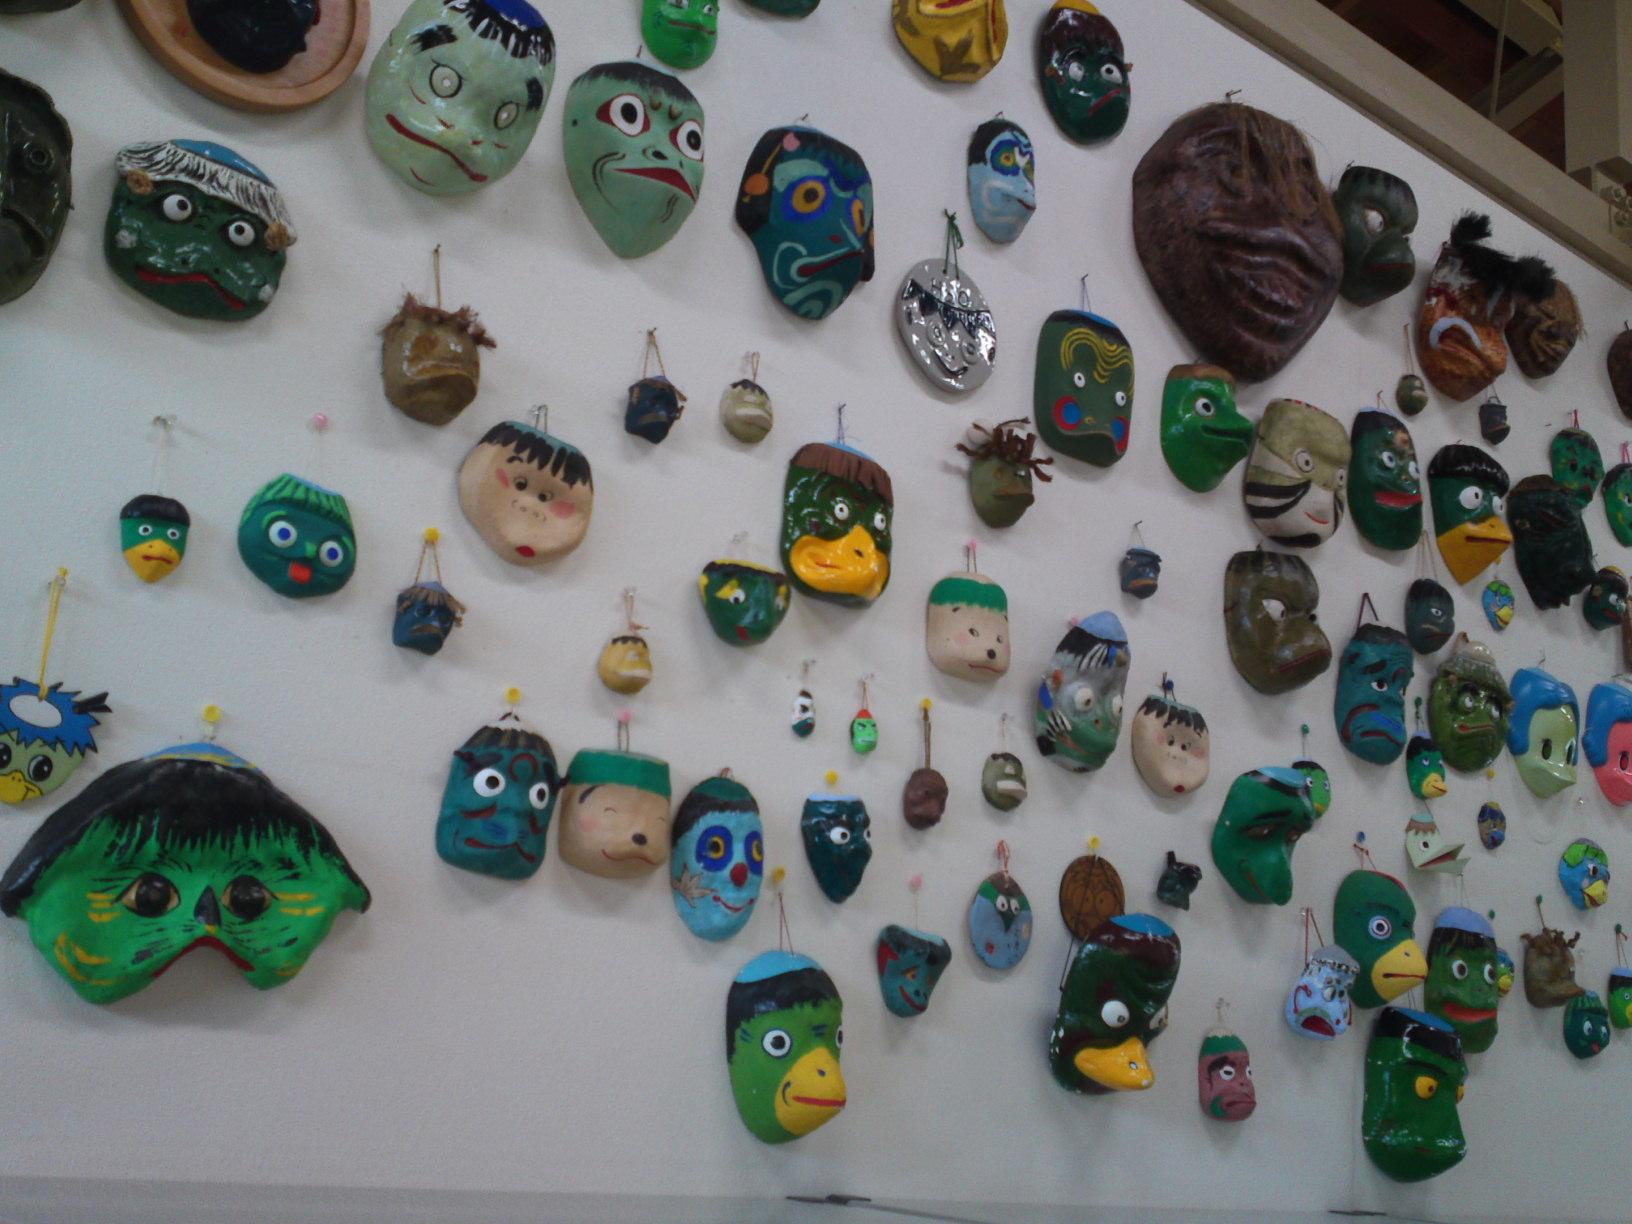 Collection de Kappa au Musée de Kappa de Tach-chan's dans la Ville de Yaizu en masques